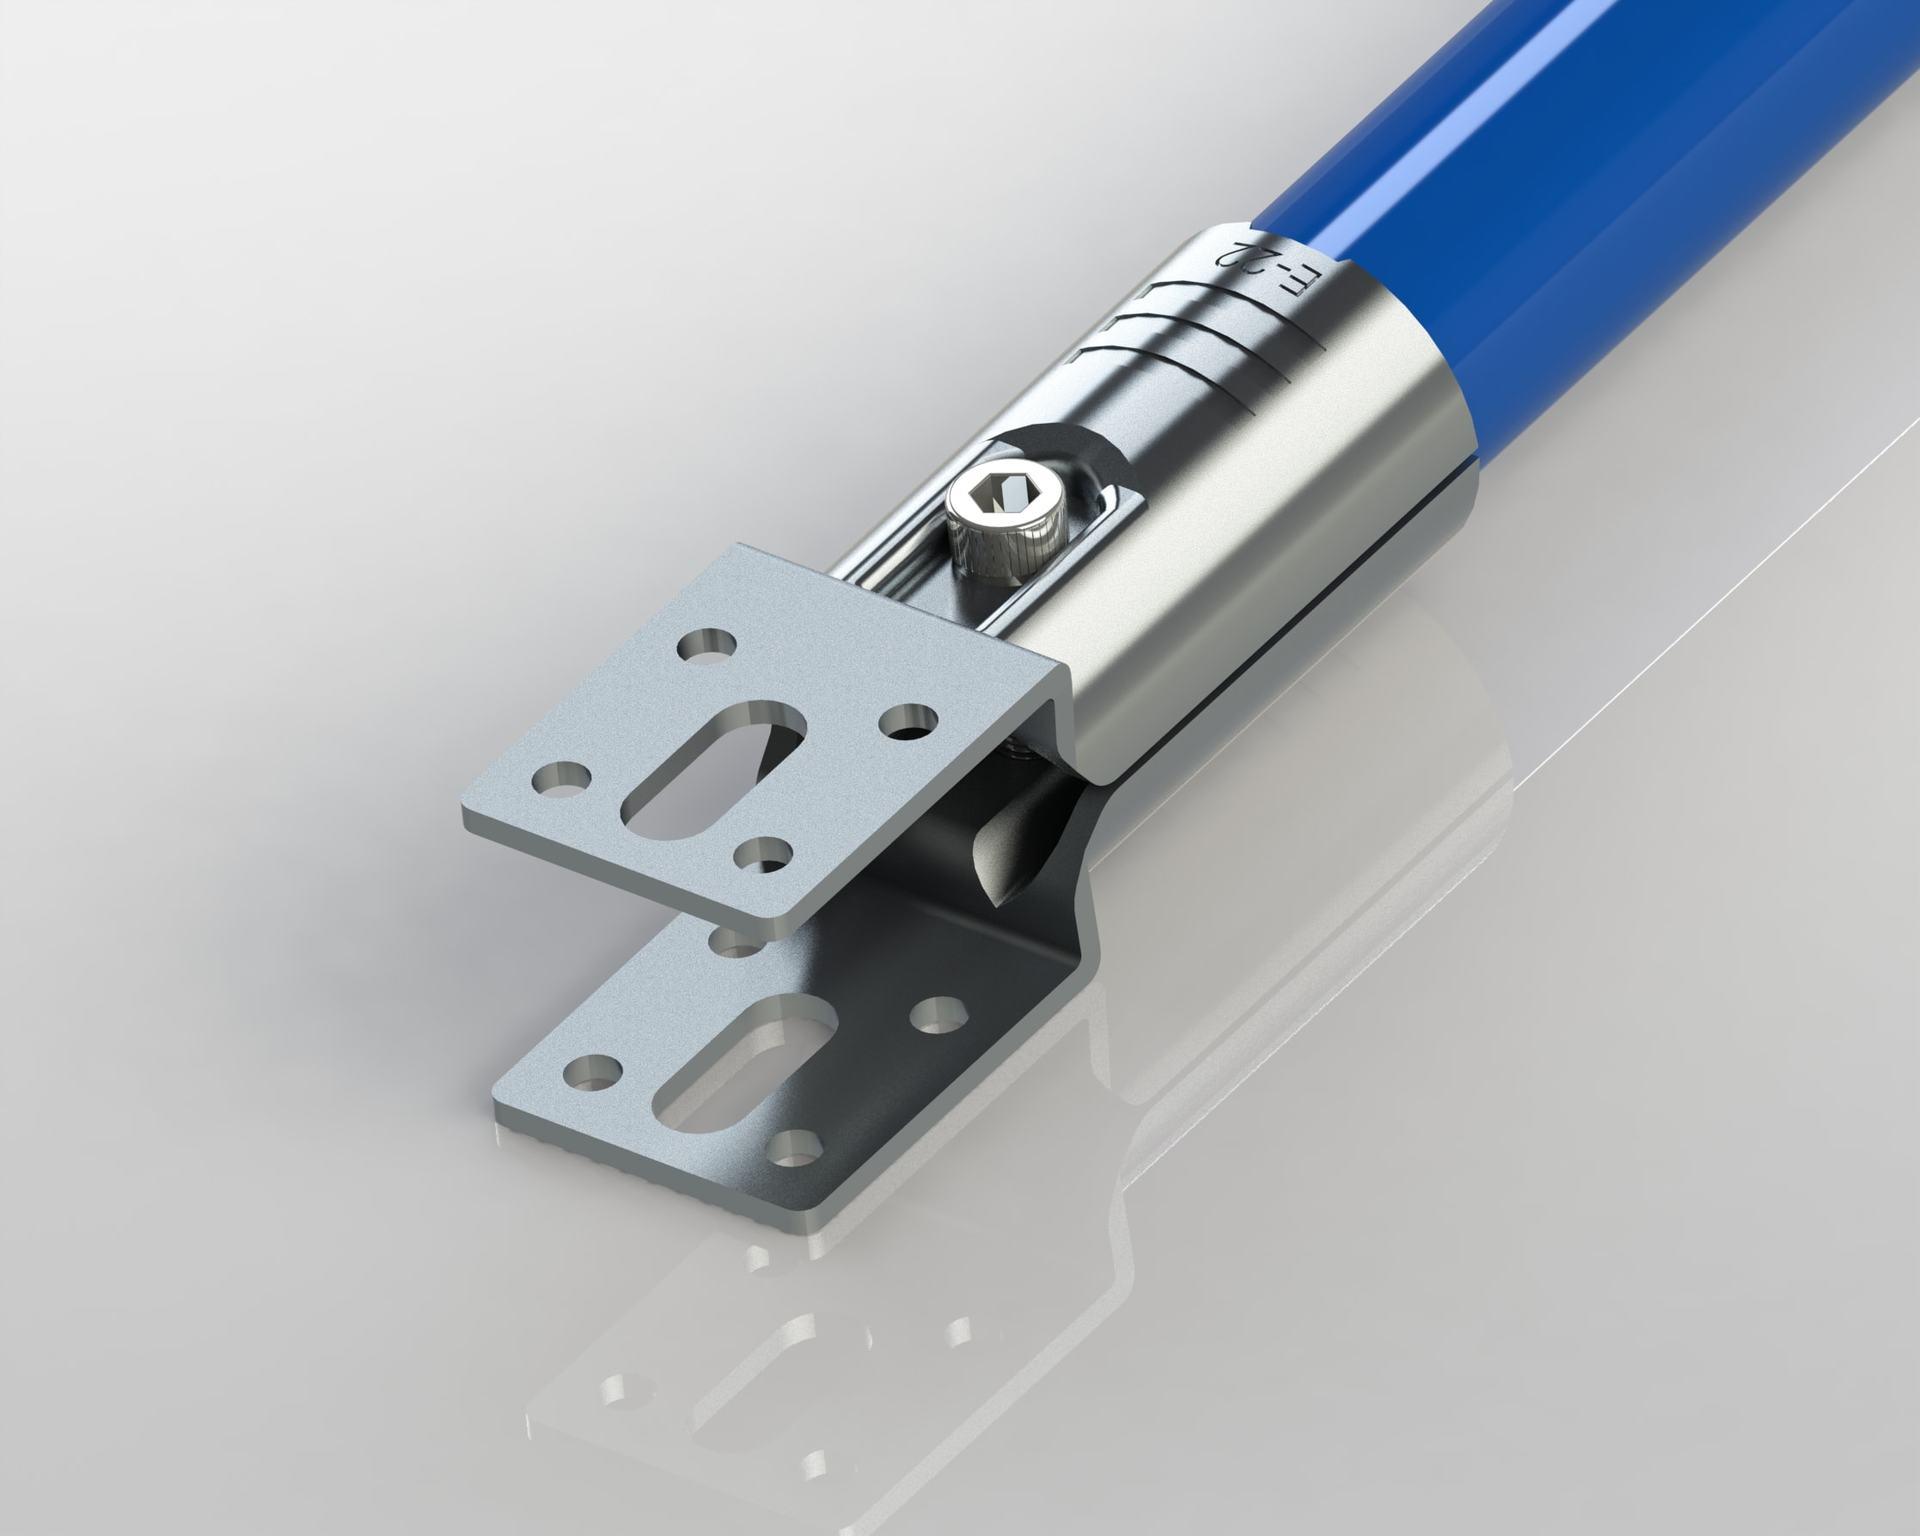 PEK3 Easytube Joints Combination ES 22